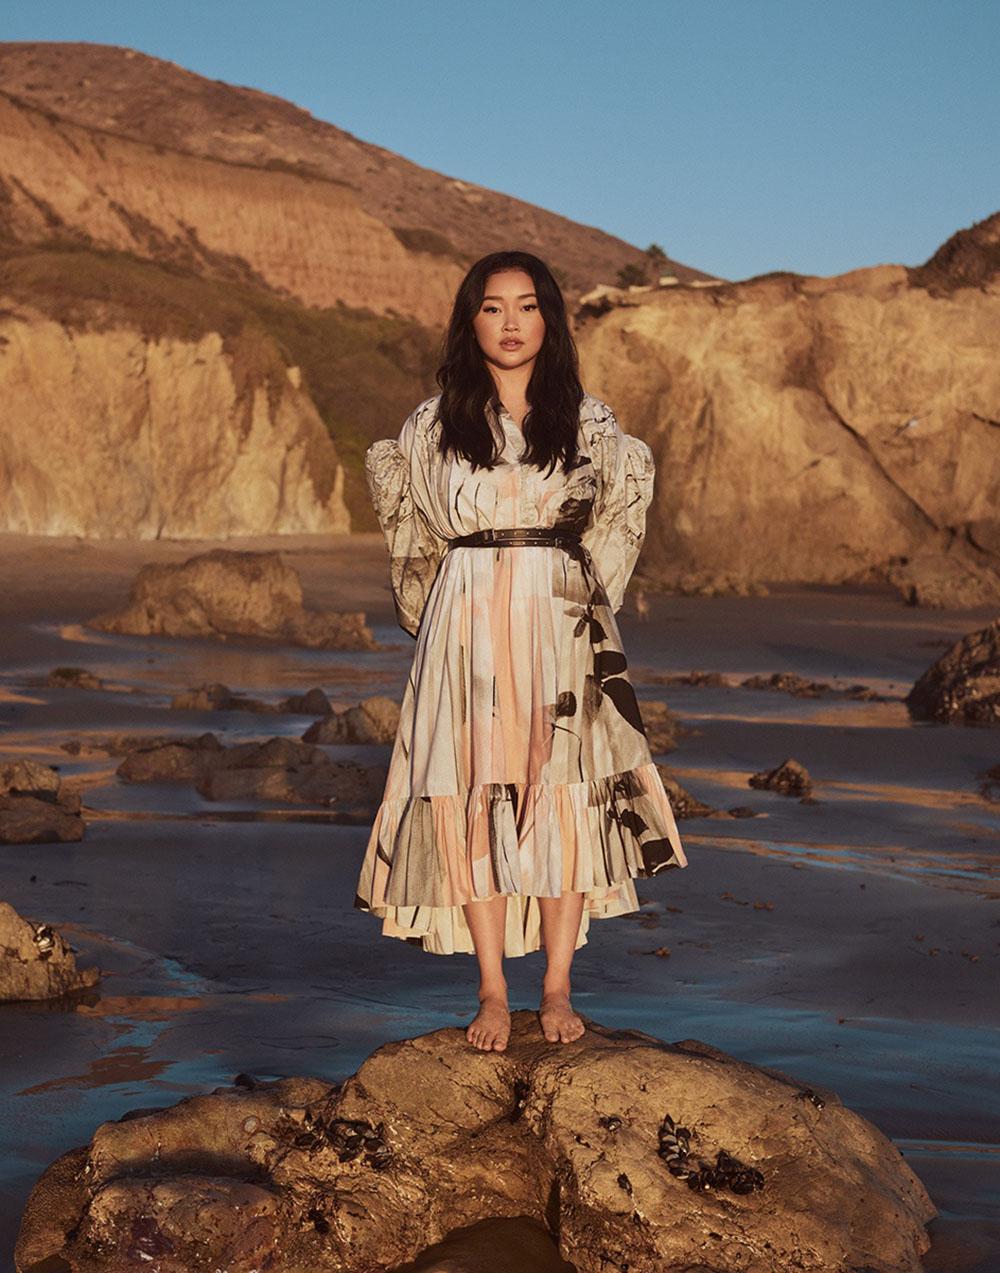 Lana Condor by Jason Kim for Vogue Singapore February 2021